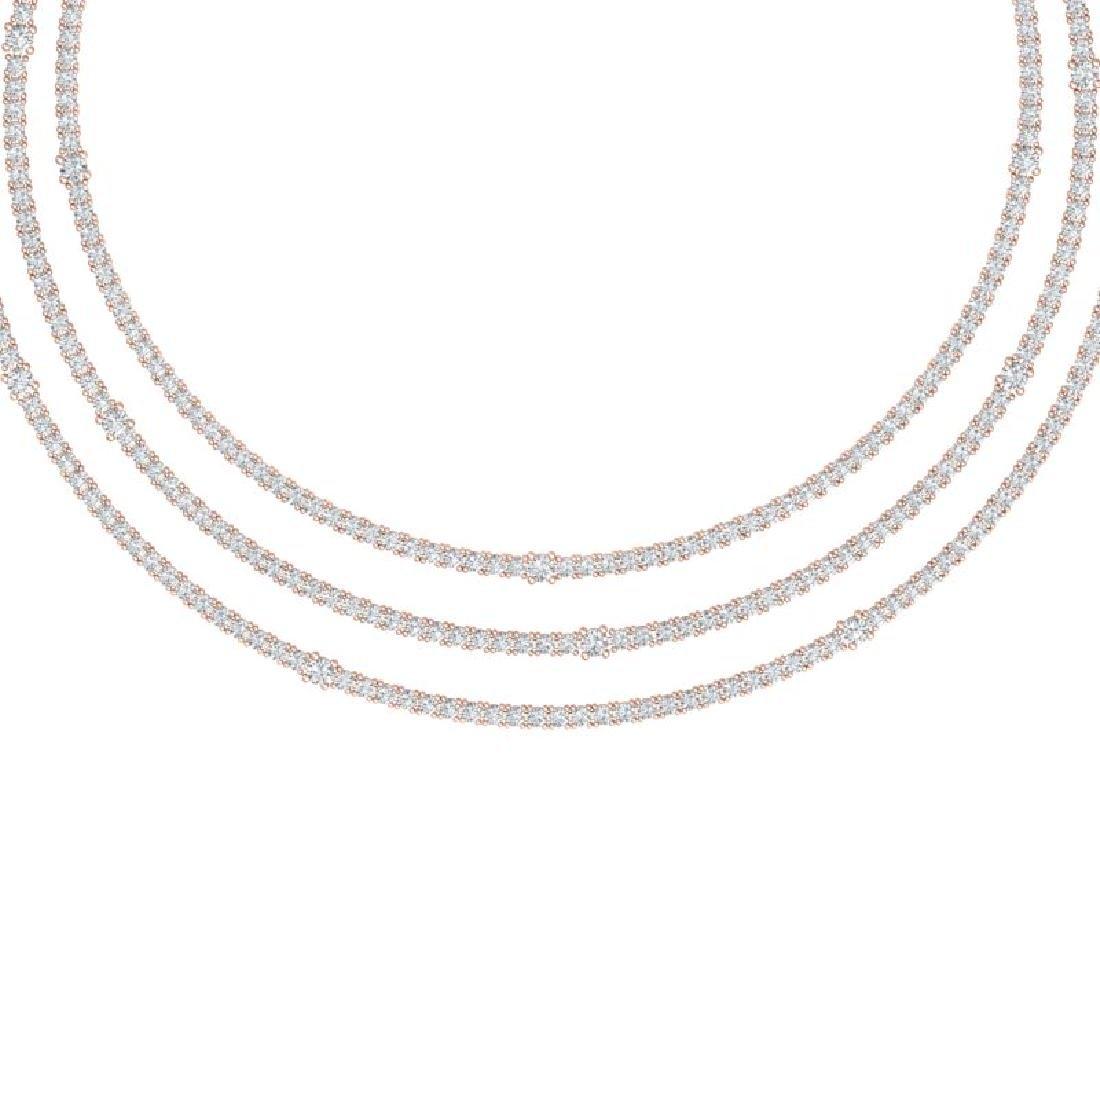 30 CTW Certified VS/SI Diamond Love Necklace 18K Rose